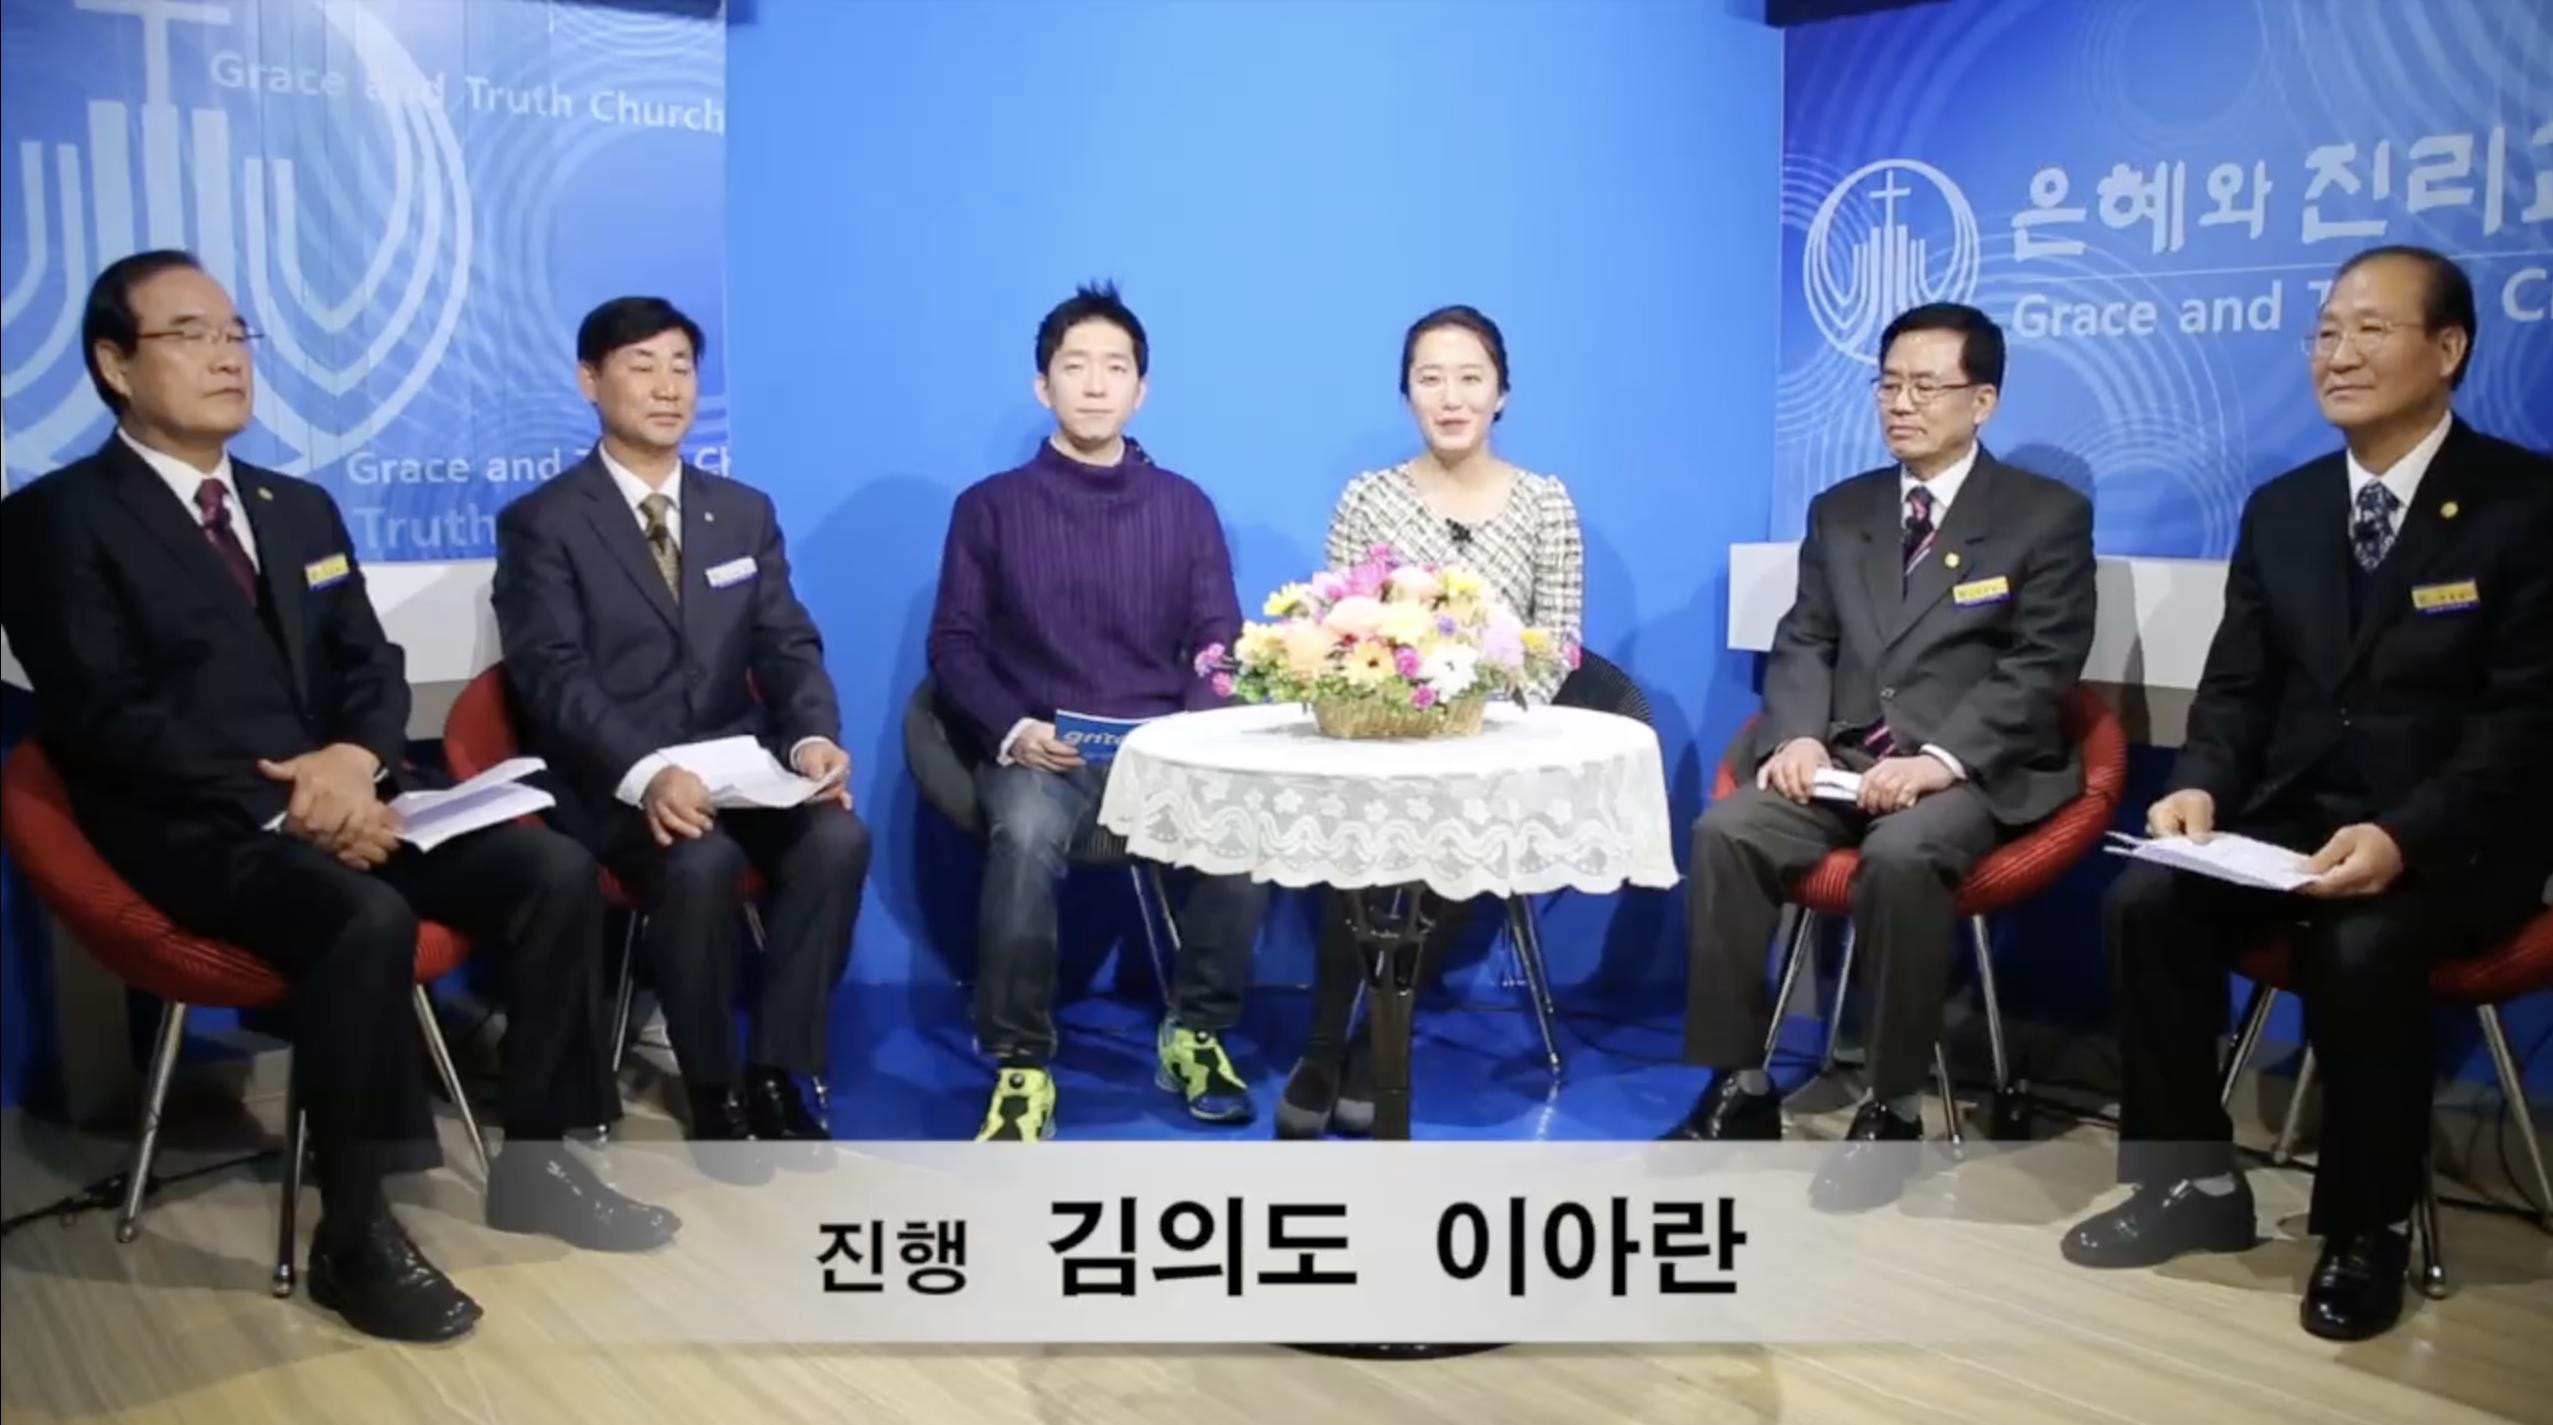 주님과 동행하는 삶 – 남성봉사연합회(전도부)편